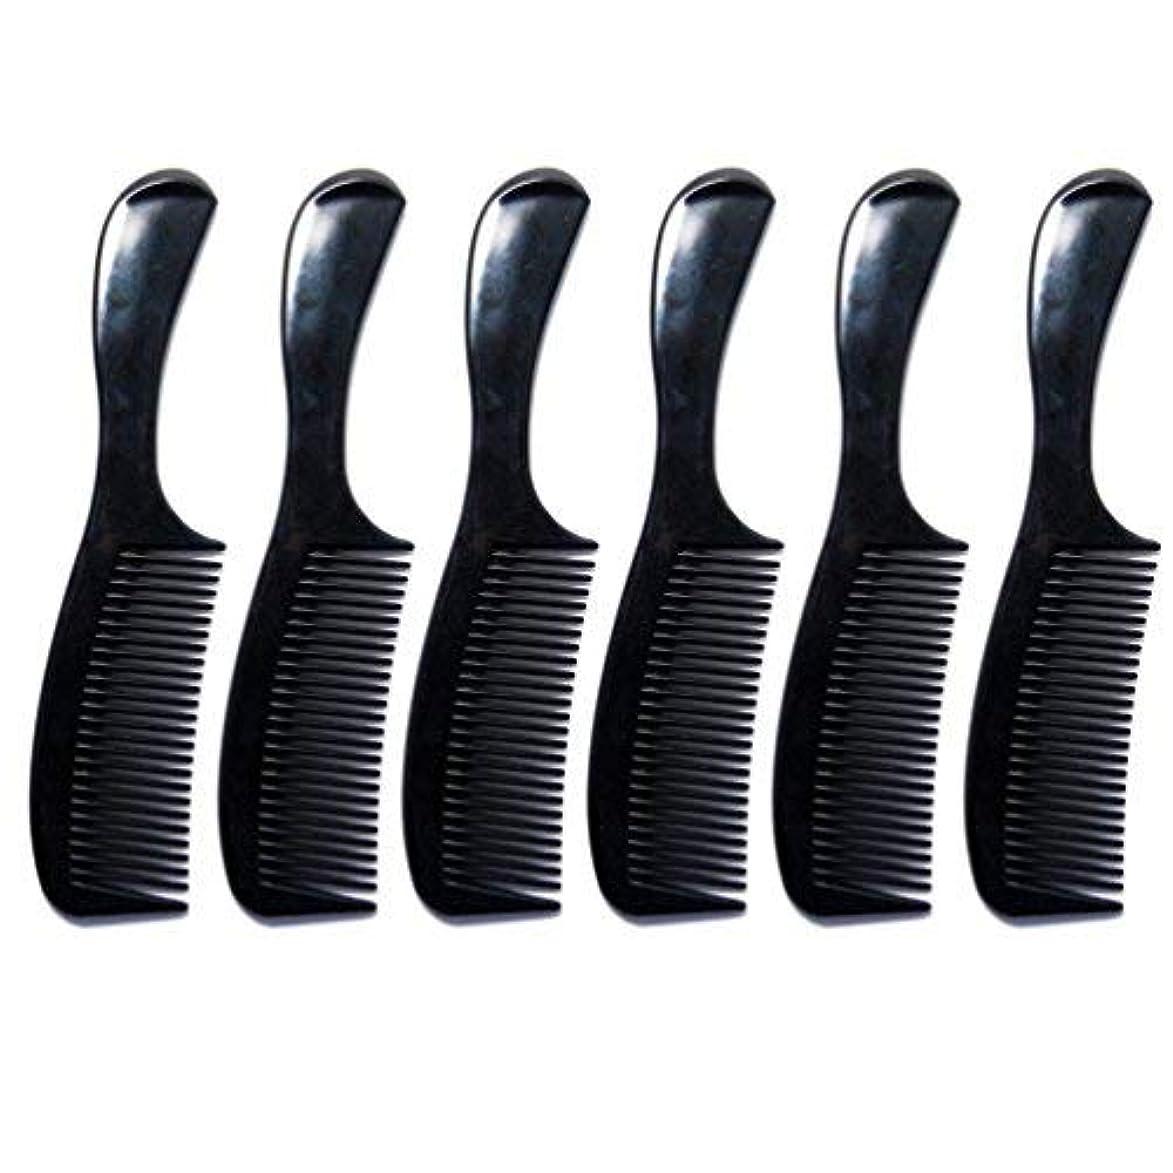 不良パズルビートLuxxii - (6 Pack) 8 inch Black Styling Essentials Round Handle Comb Pocket [並行輸入品]